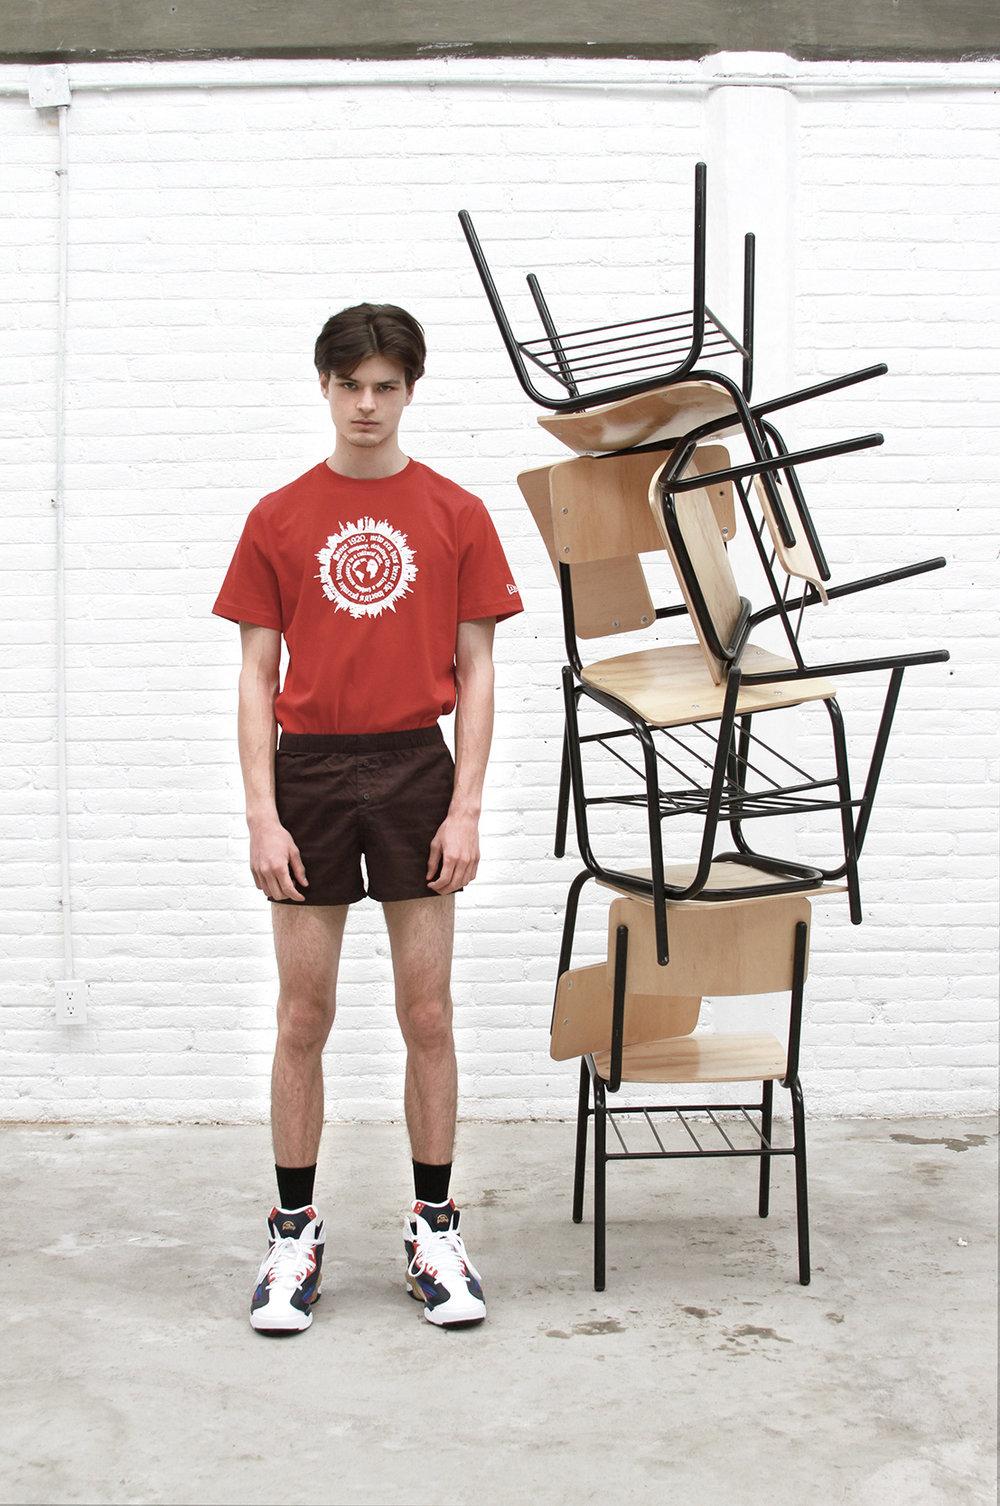 Camiseta  NEW ERA , tenis  REEBOK , bóxer del coordinador de moda.